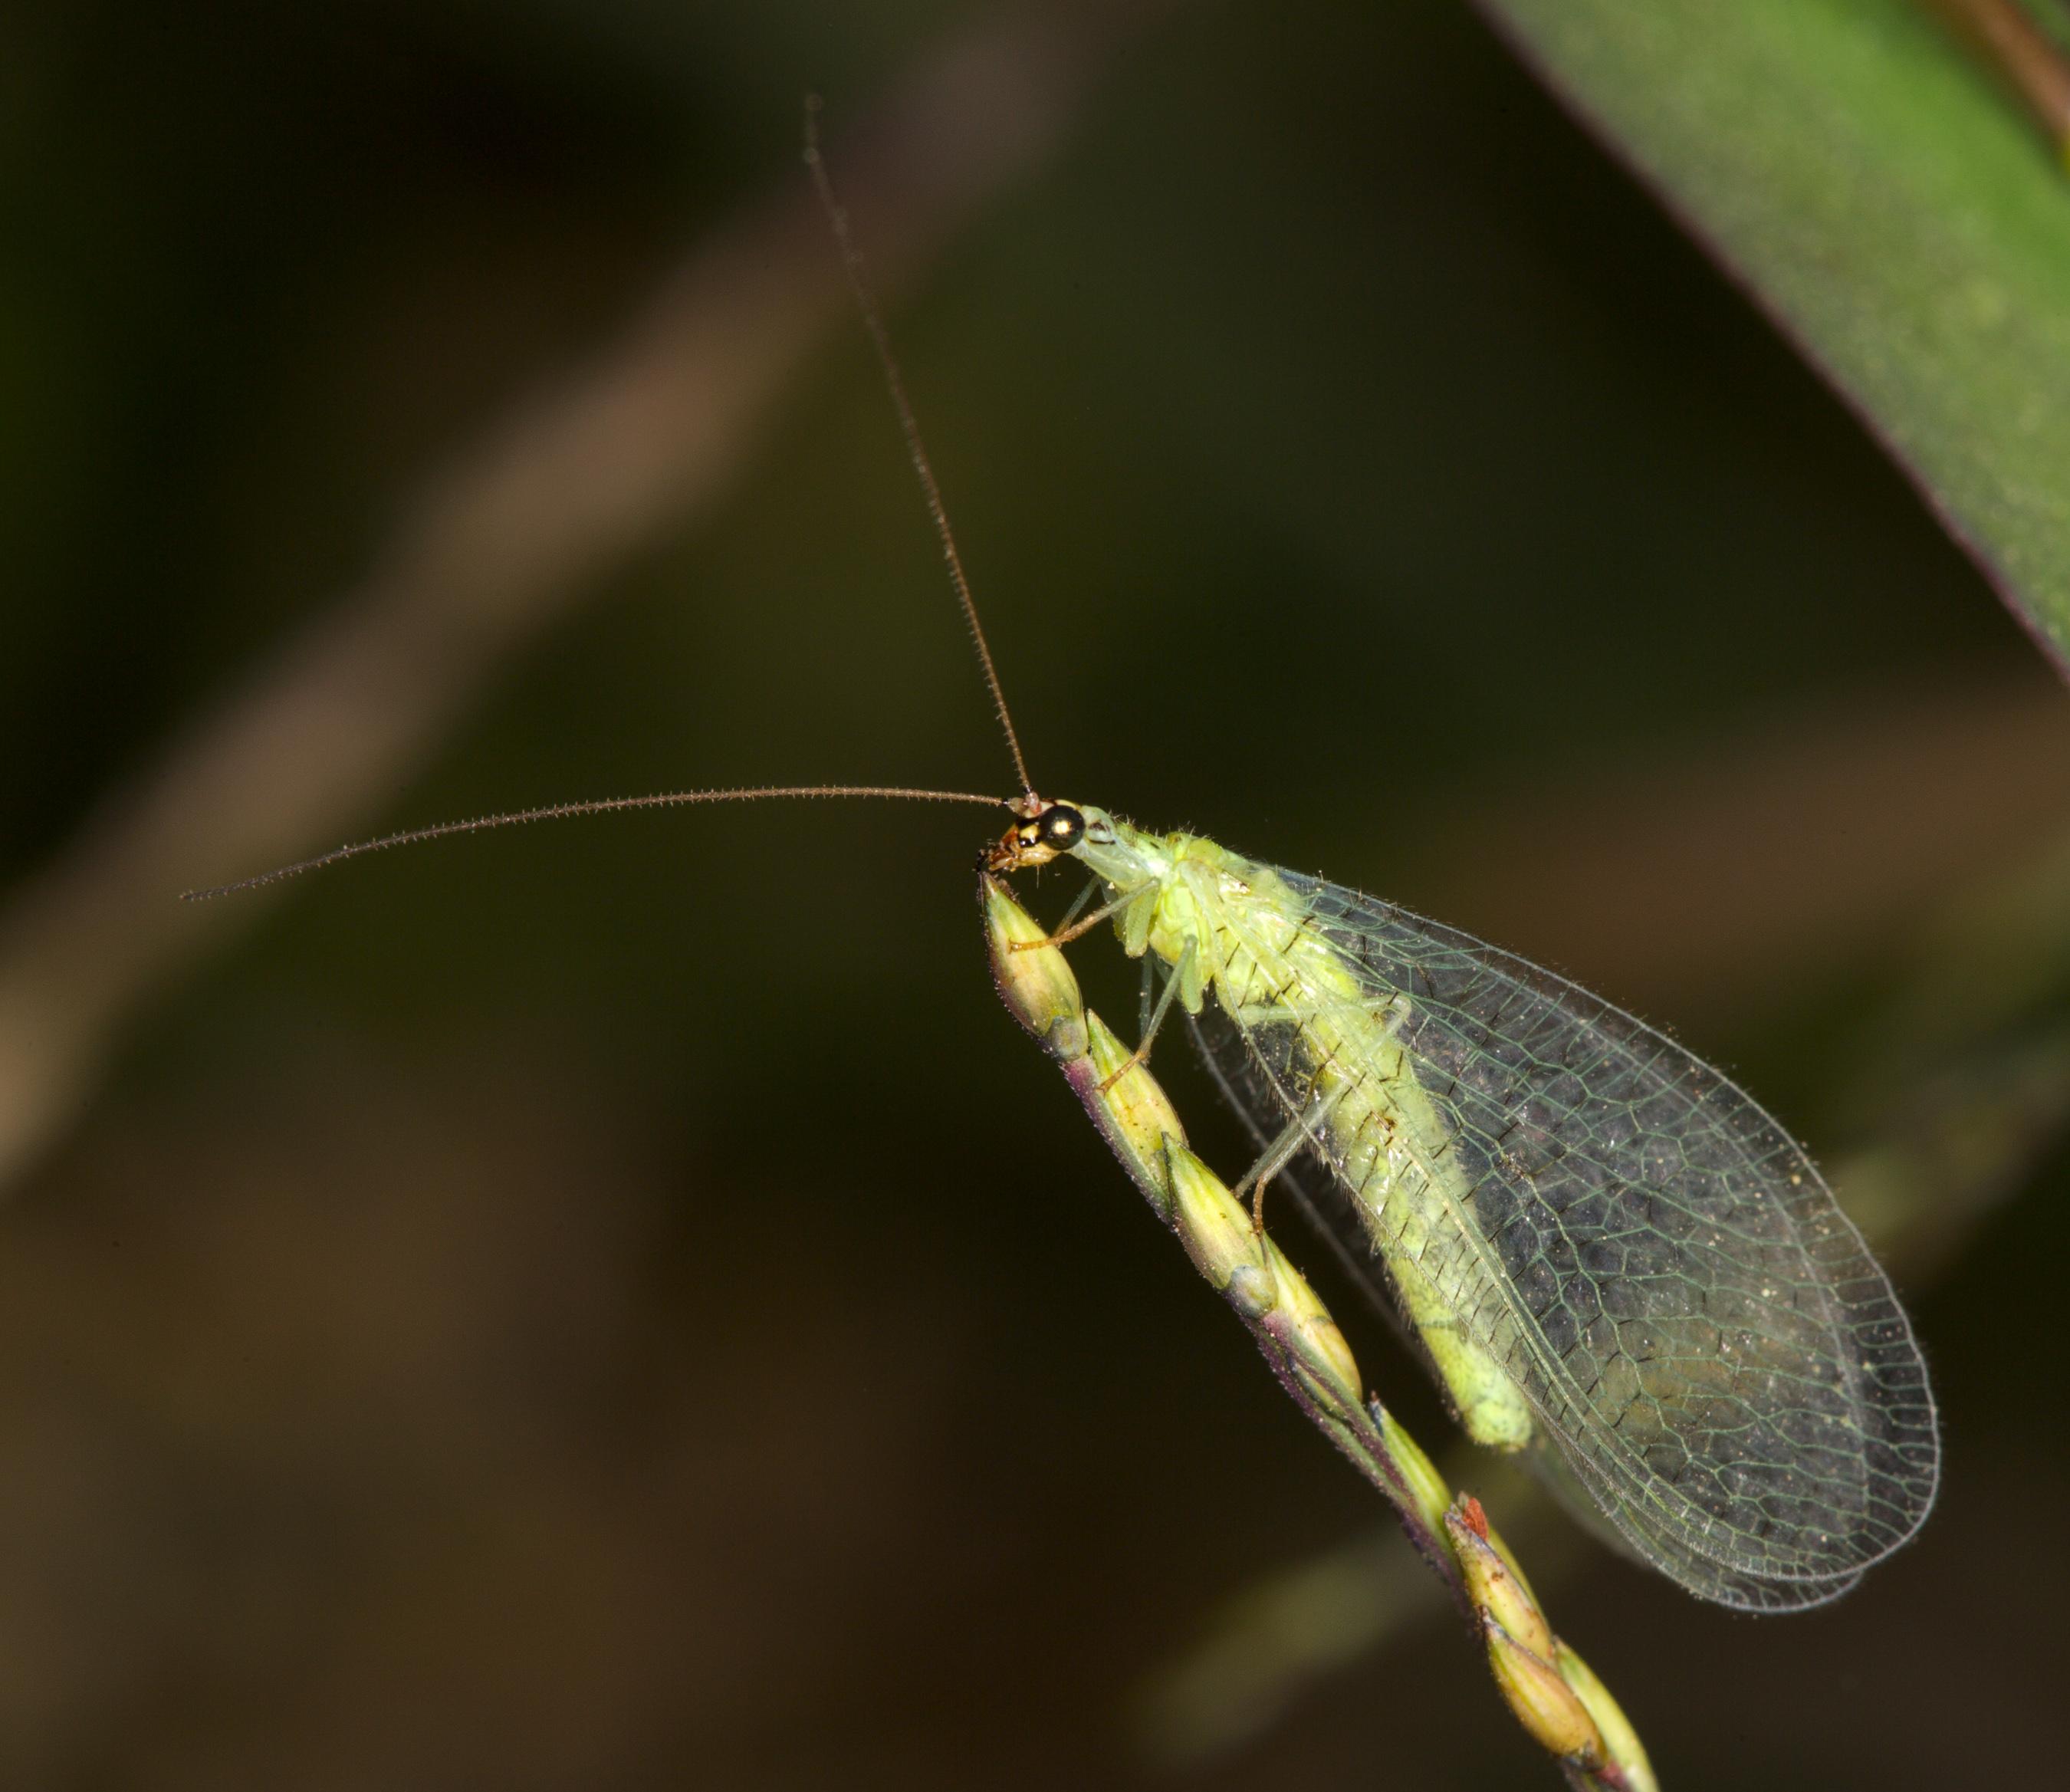 Gaasvliegen - Wikiwand